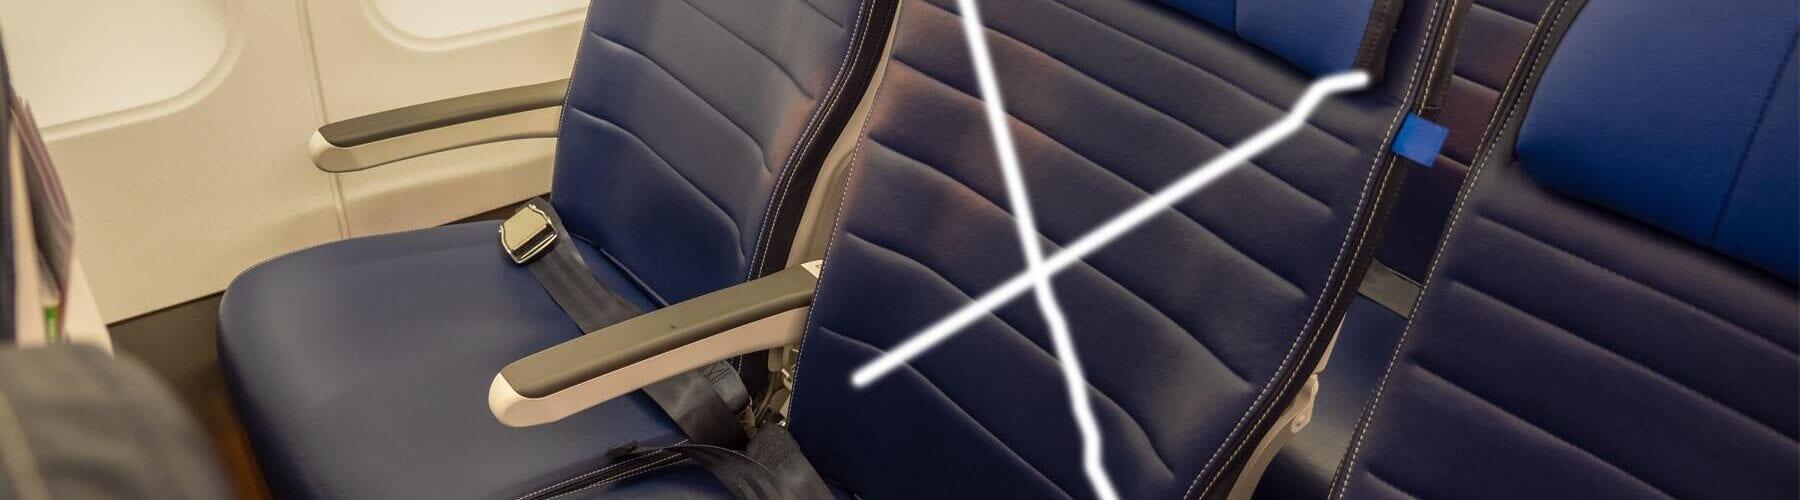 Intialainen COVID-kauhuvirus vaatii Airlines Worldwide -säätöjä